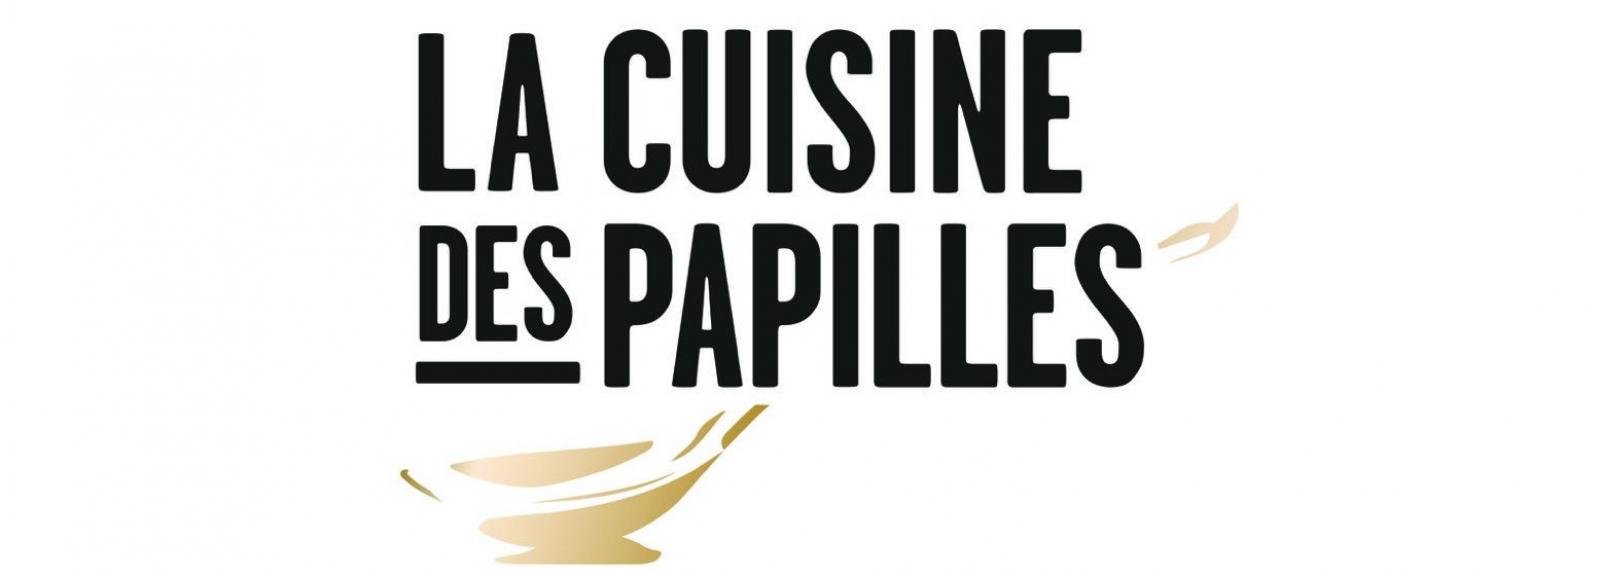 La cuisine des papilles à Saint-Rémy-de-Provence